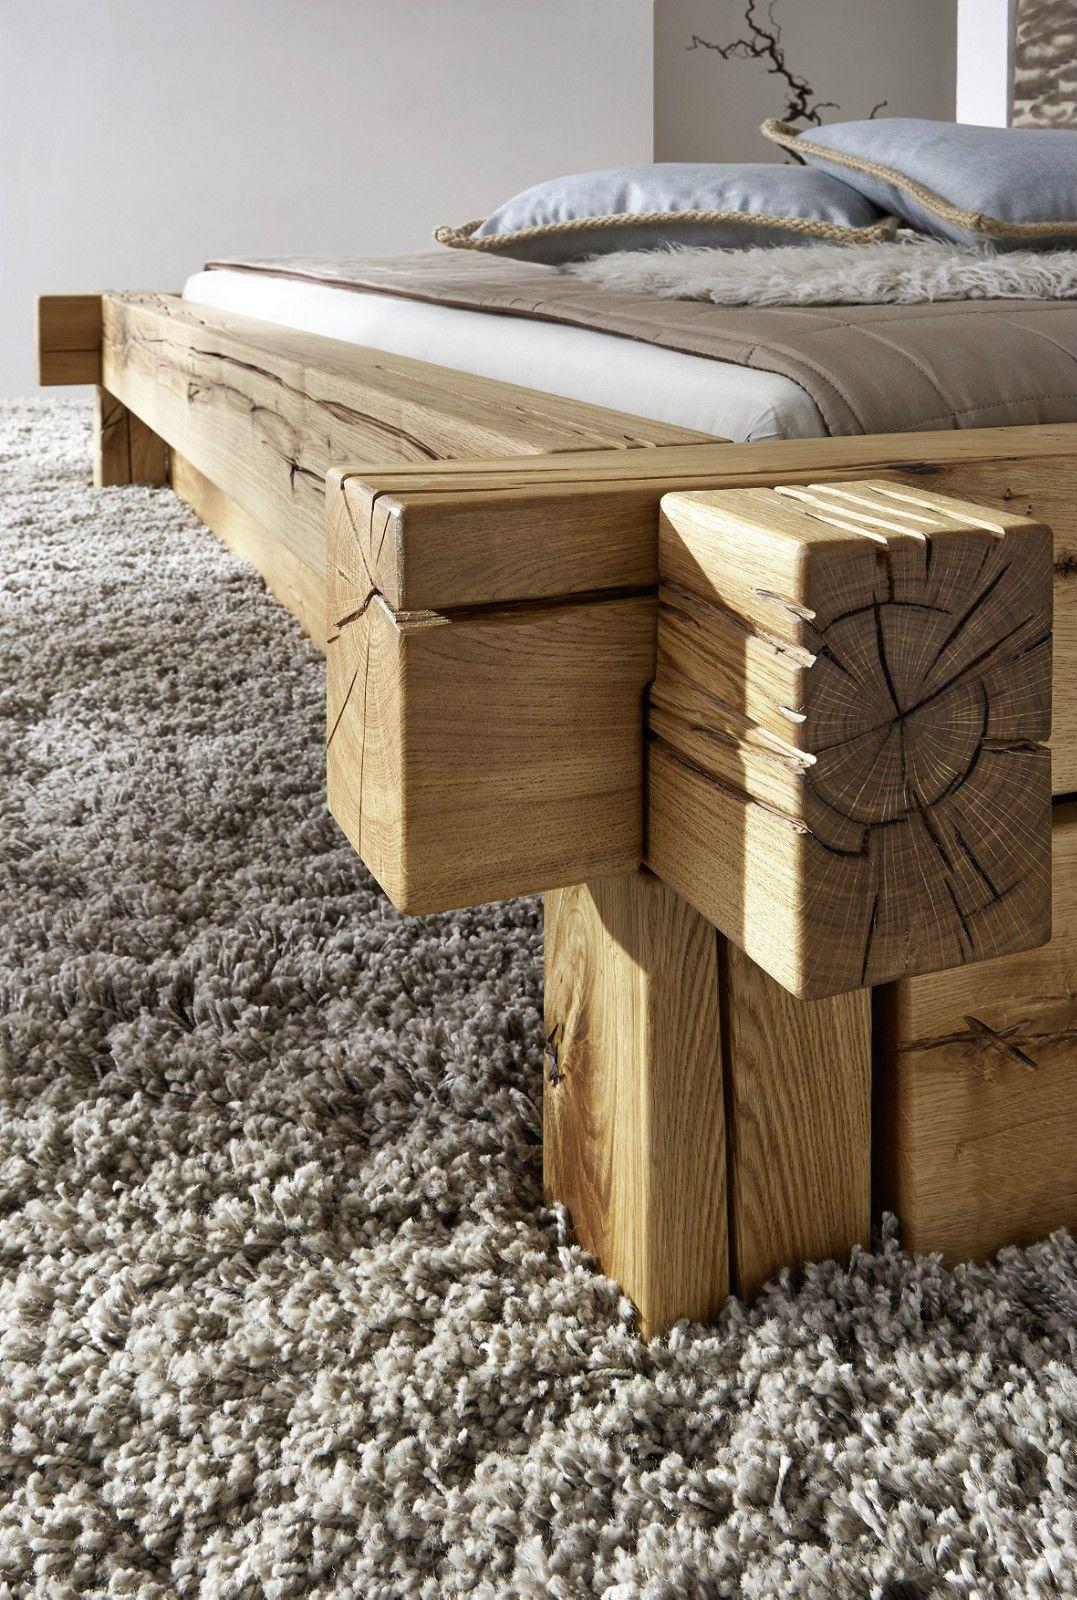 Doppelbett Bett Balkenbett 180x200cm Wildeiche Eiche Massiv Geolt Bett Rustikal Holz Eichenbetten Bett Massivholz